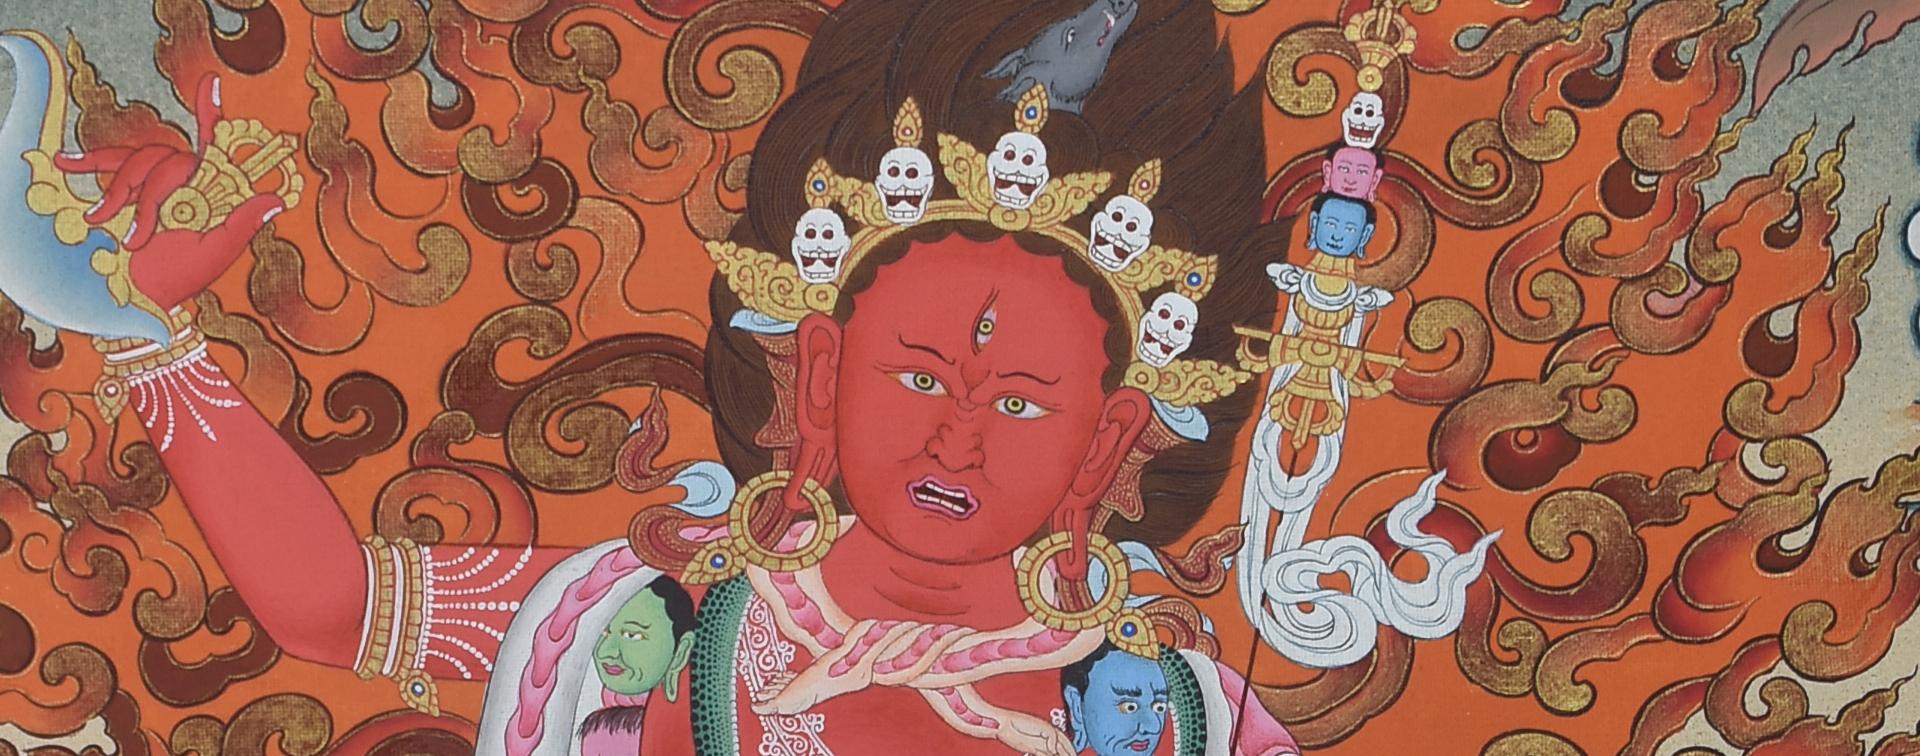 Vajravarahi Thangka